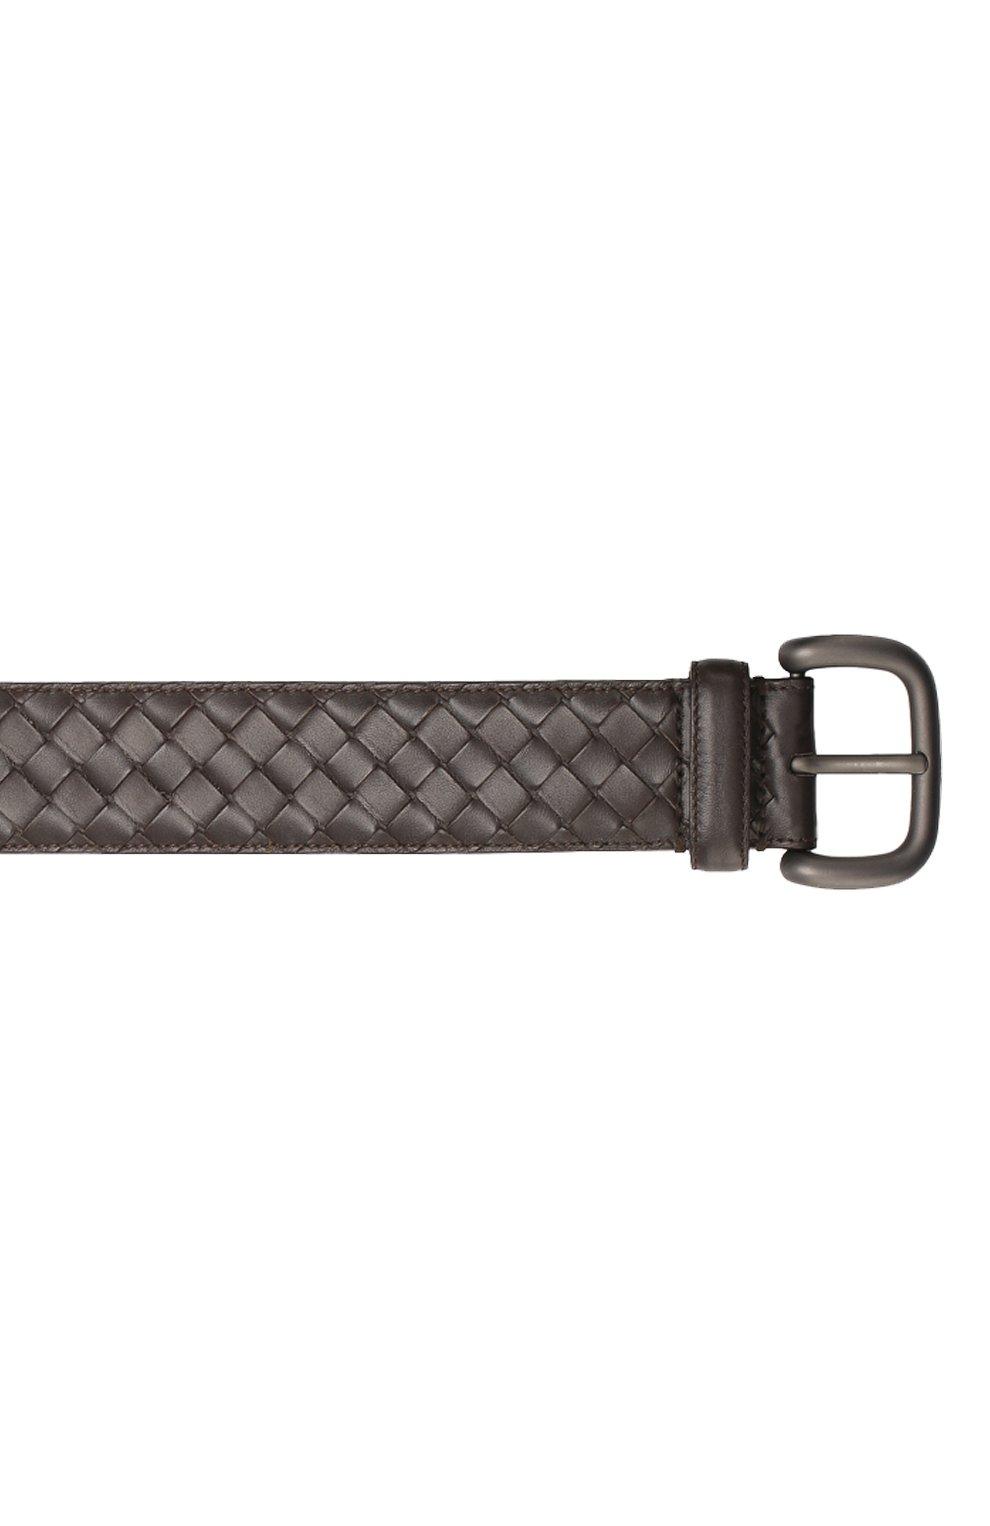 Мужской кожаный ремень BOTTEGA VENETA коричневого цвета, арт. 173784/V4650 | Фото 3 (Случай: Повседневный)